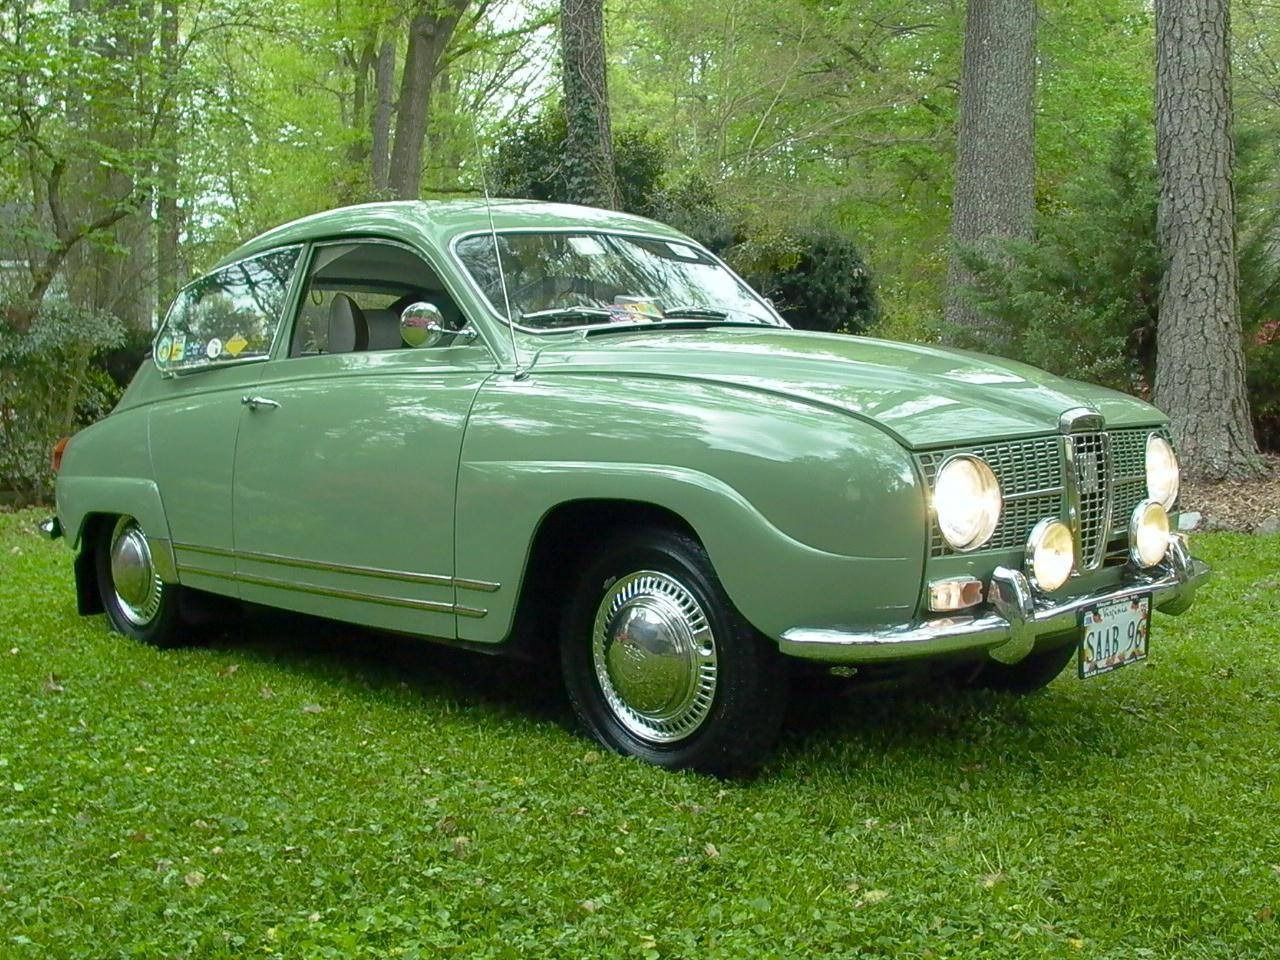 1966 Saab 96 Monte Carlo 850 Vin 396421 Saab Saab Automobile Dream Cars